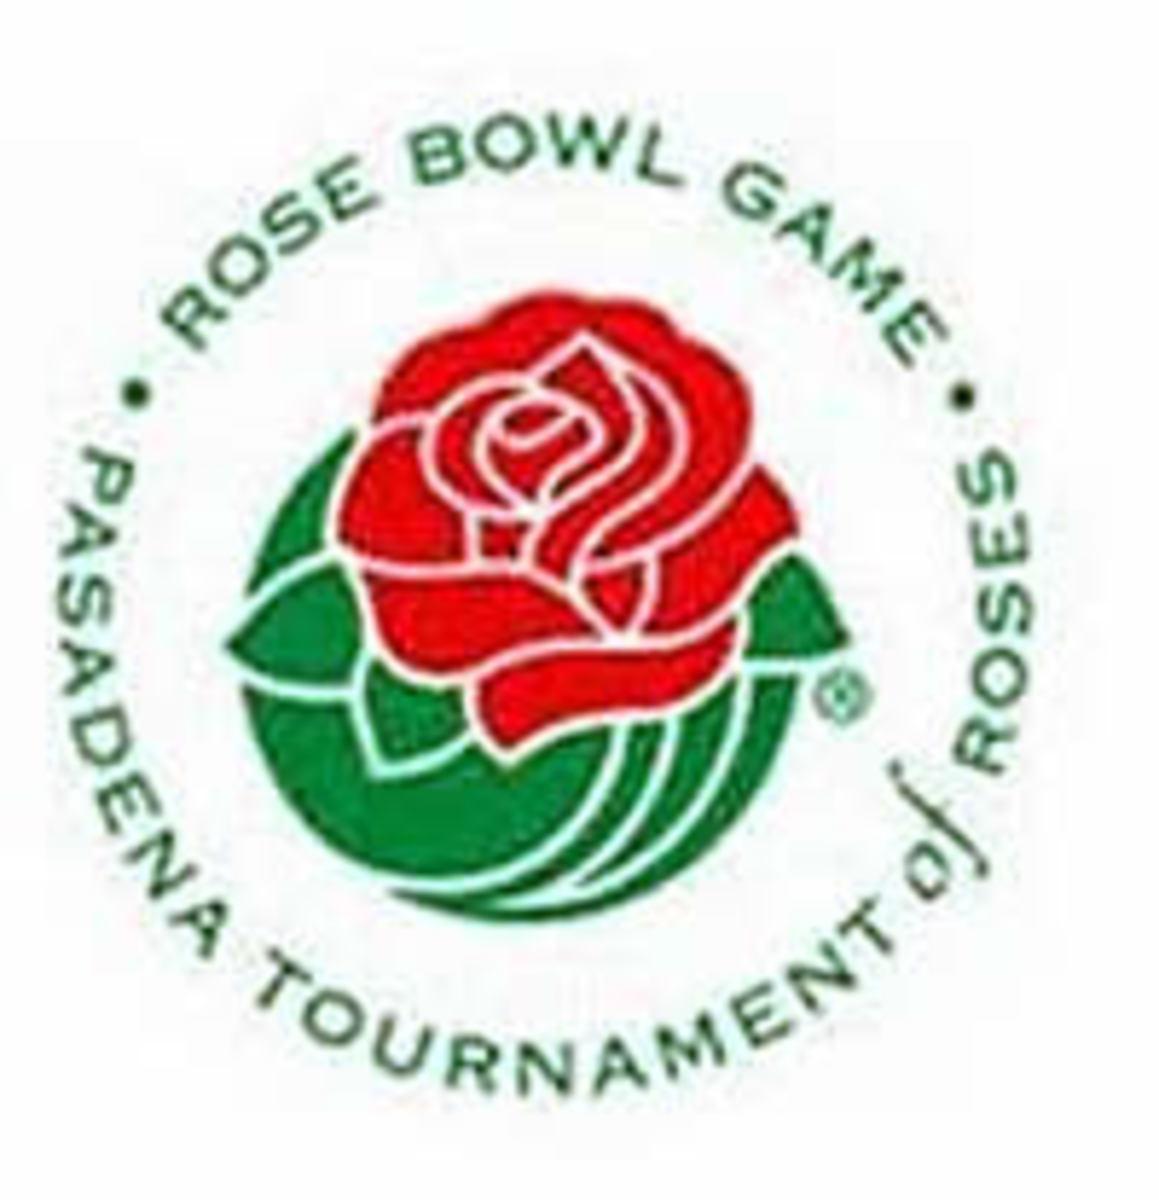 rose_bowl_logo